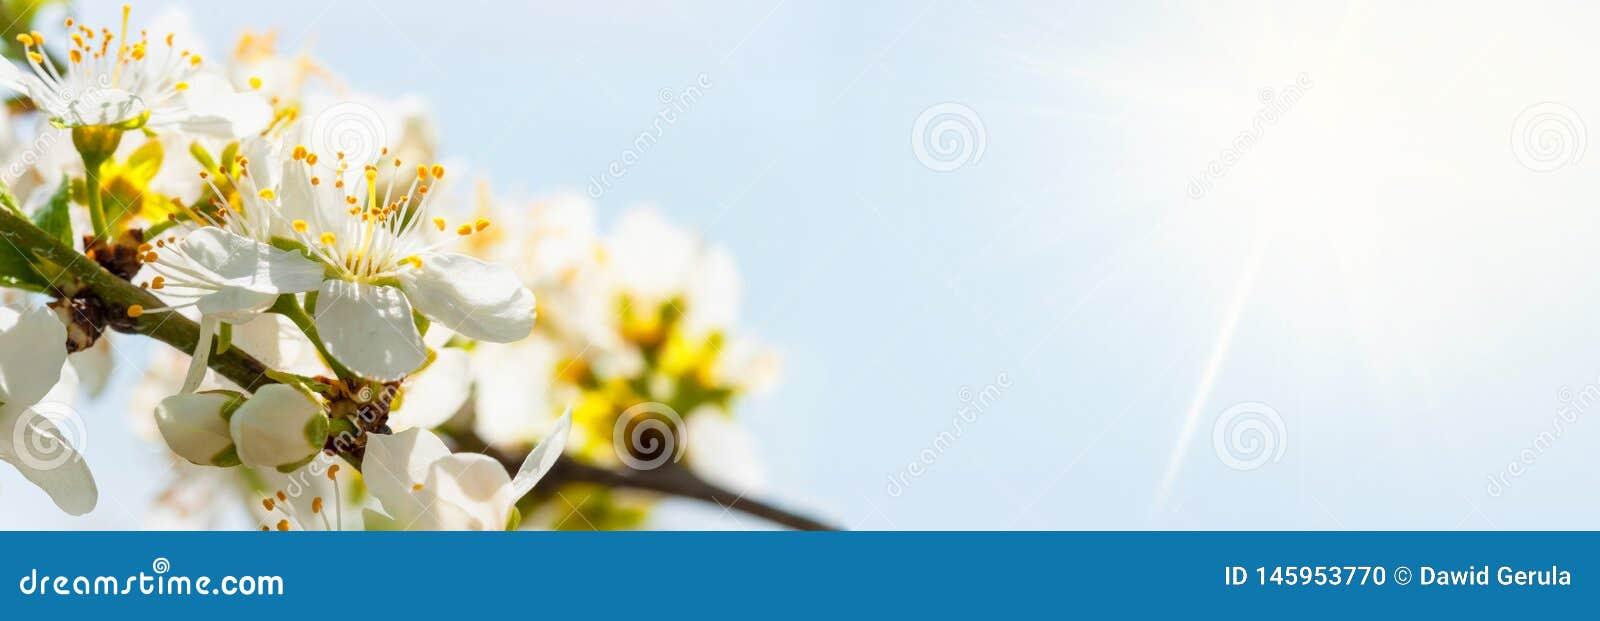 Bia?y wiosny drzewo, kwitnie kwiaty, szeroki k?t Kwietni biali kwiaty horyzontalni z dodatkow? przestrzeni? obok g??wnego przedmi